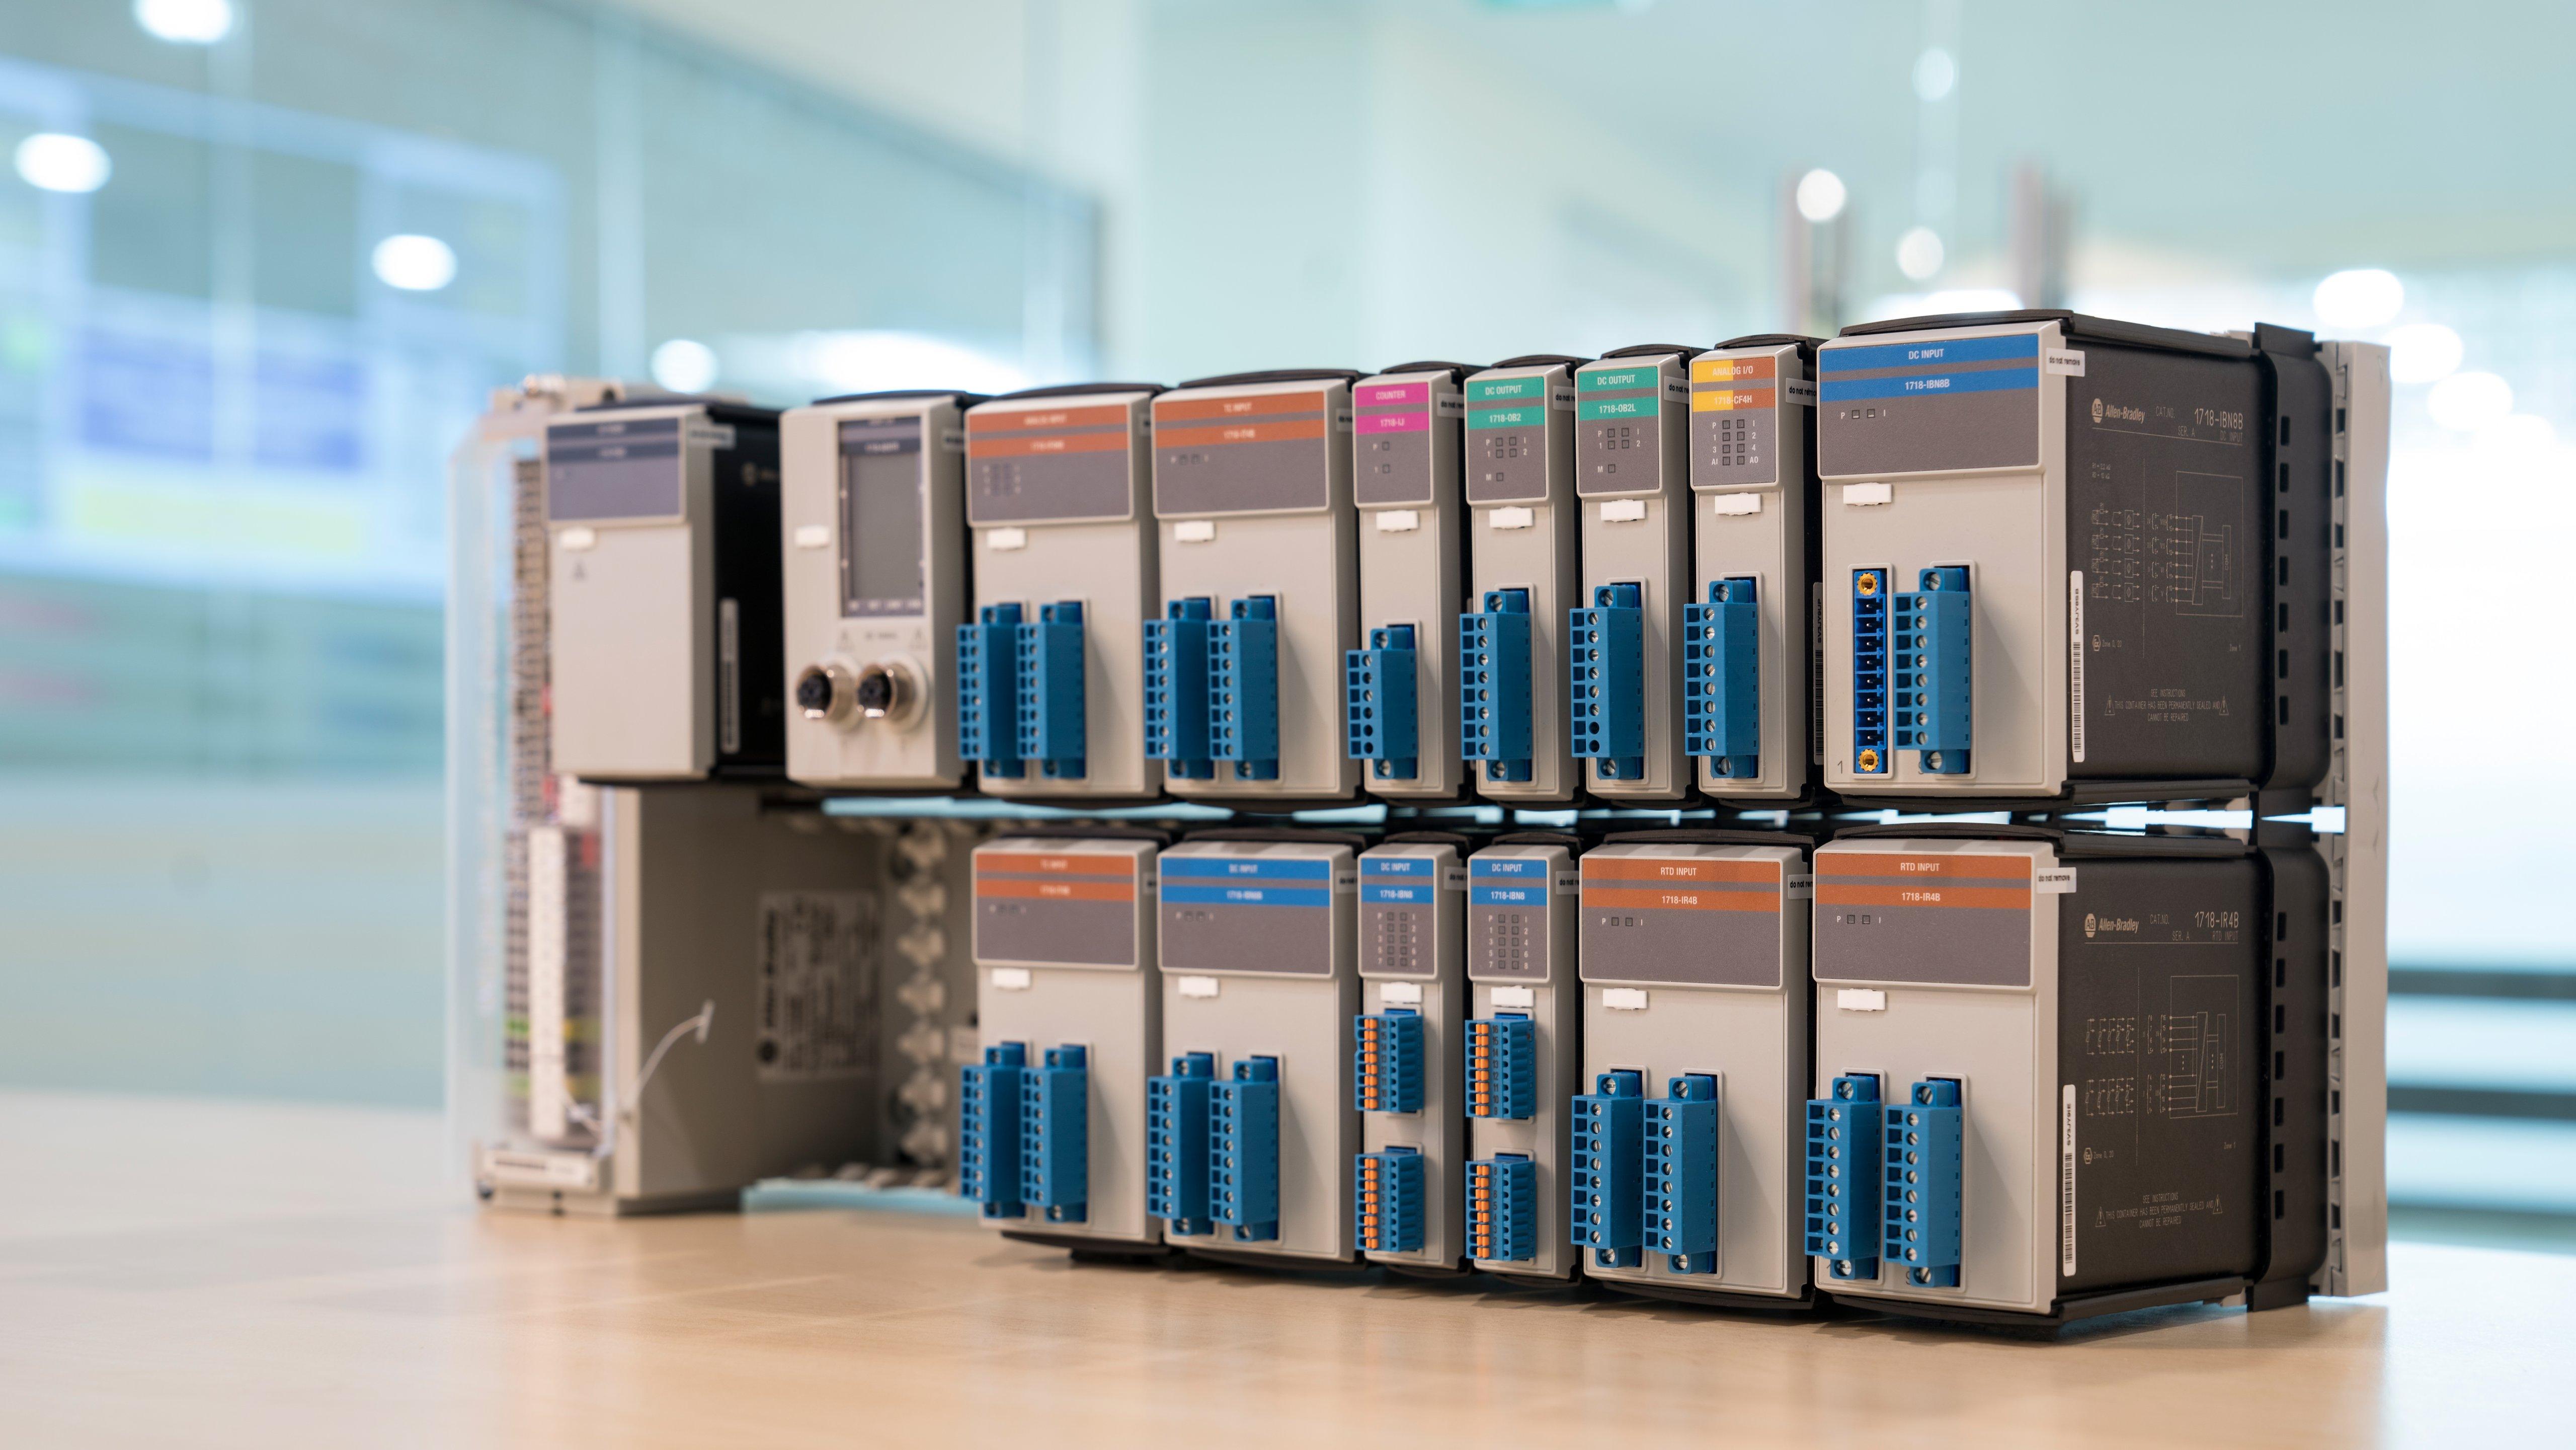 Nuovi moduli I/O semplificano le connessioni dei dispositivi in aree pericolose